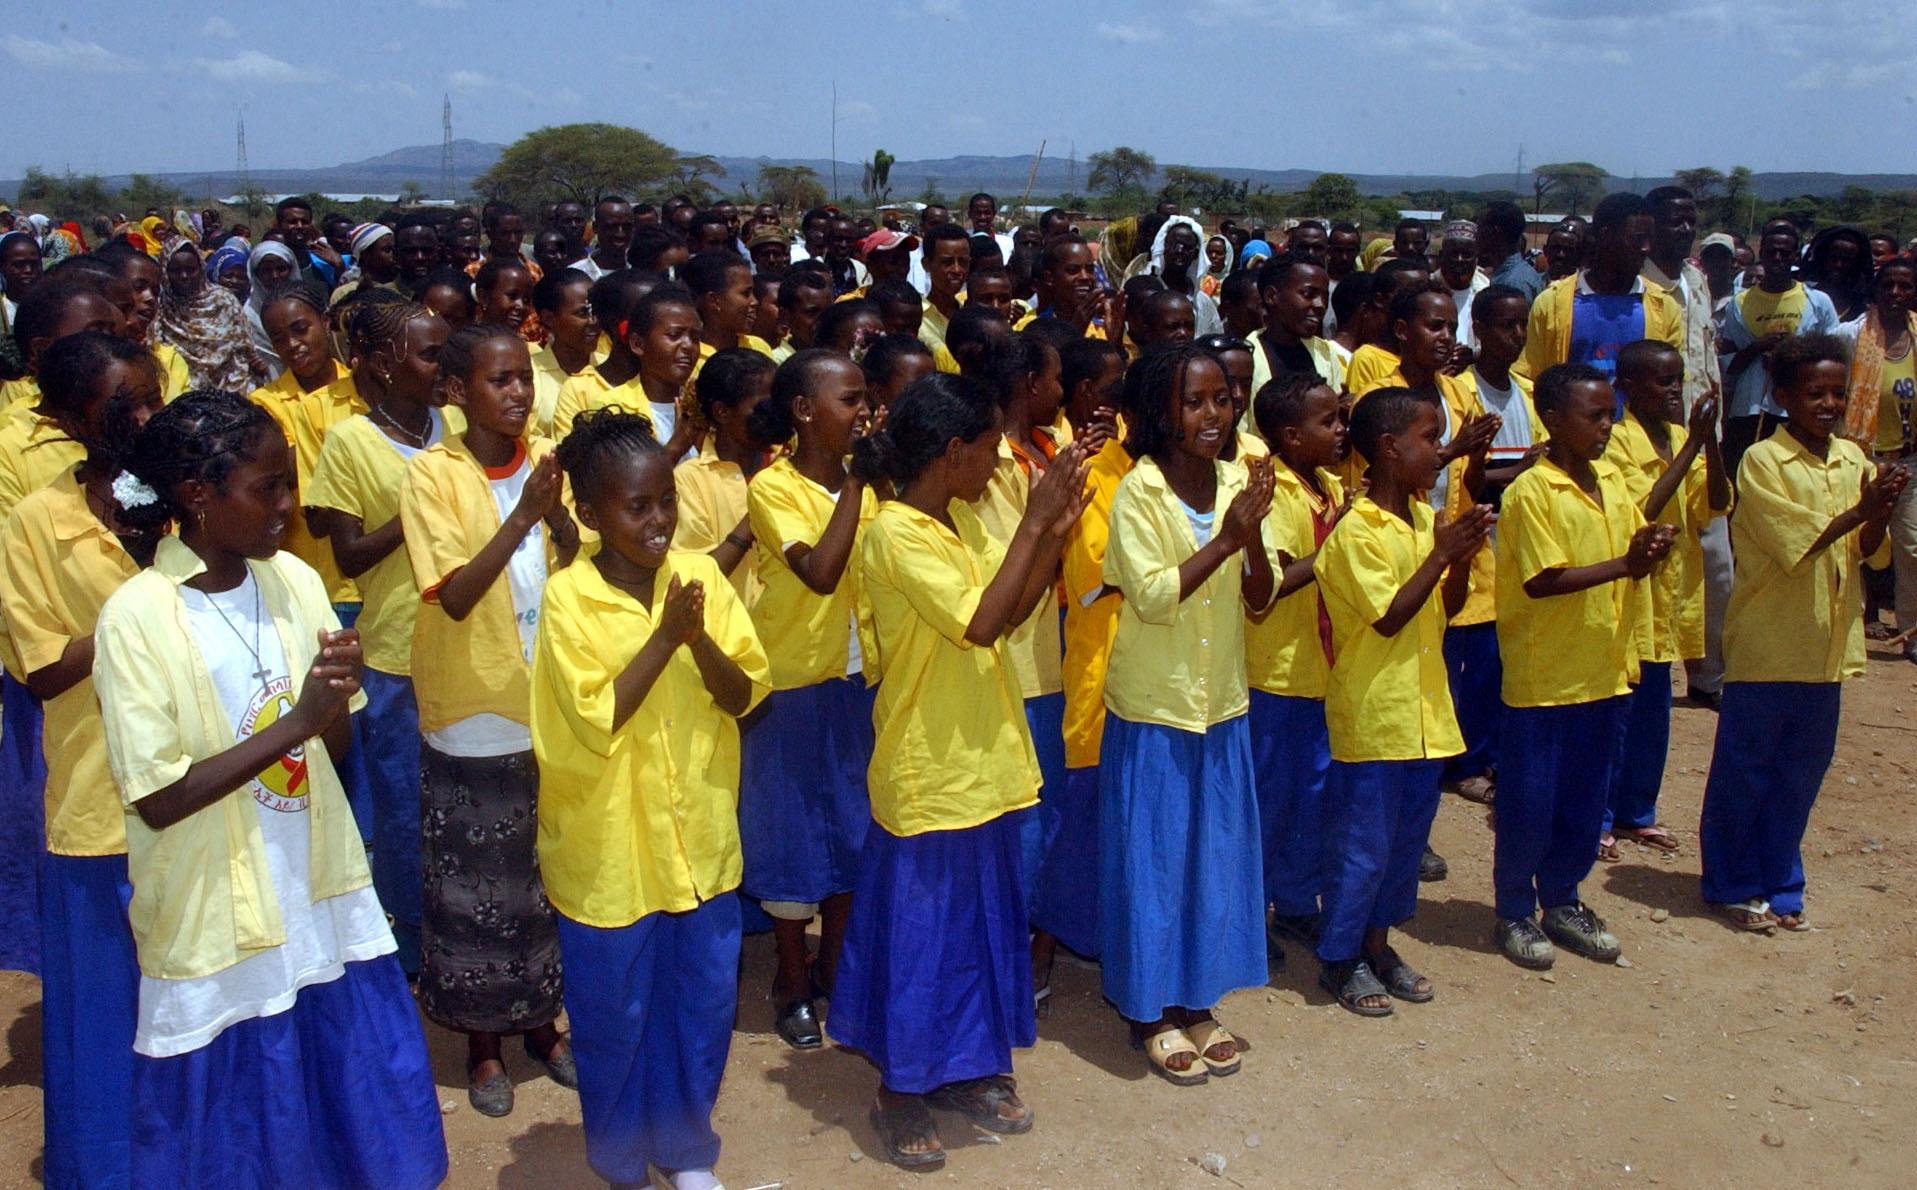 hurso_ethiopia_choir_2003